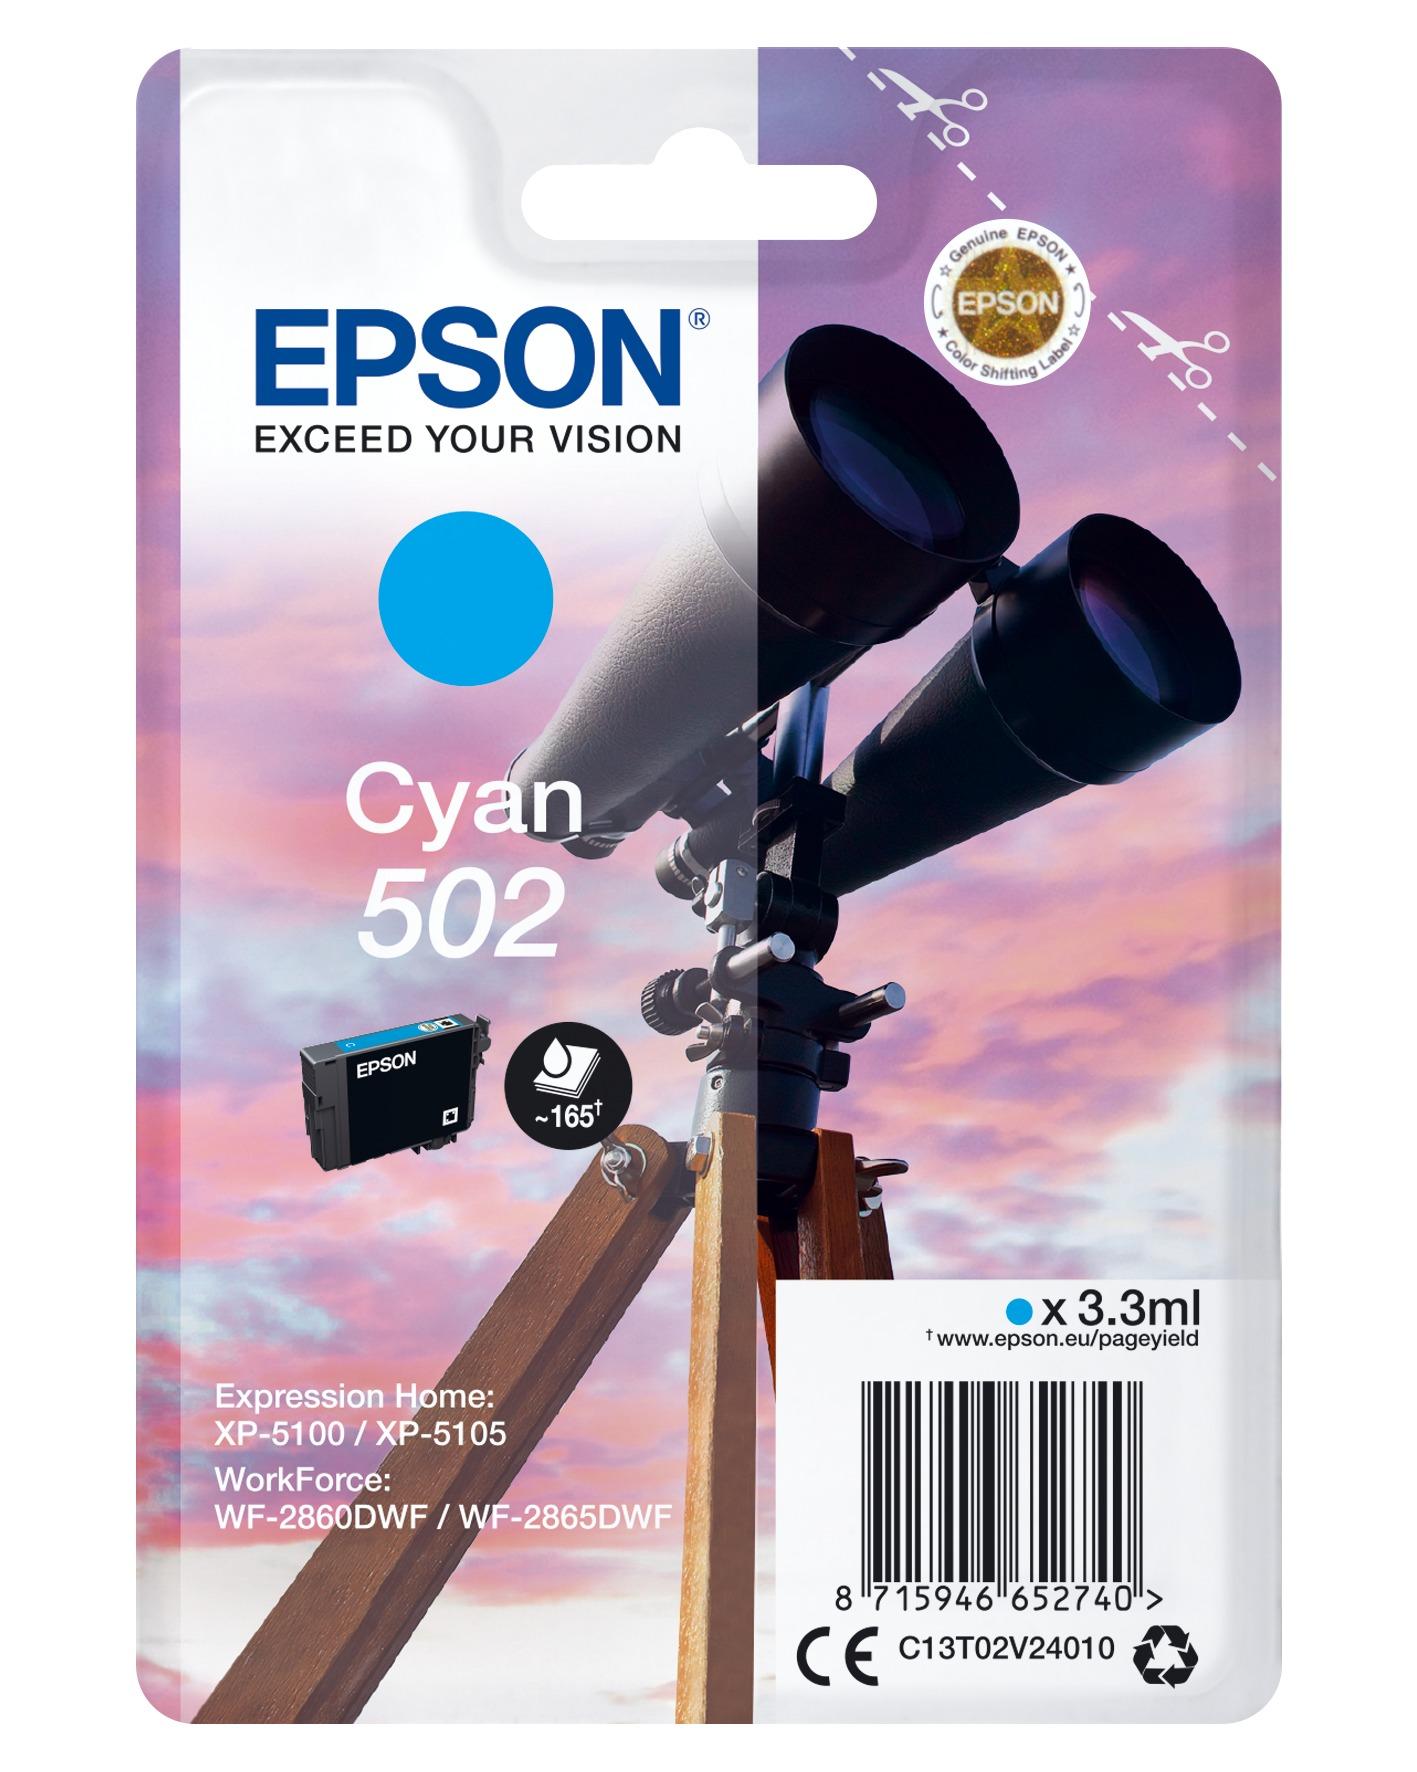 Korting Epson 502 cyaan 3.3 ml verrekijker inkt